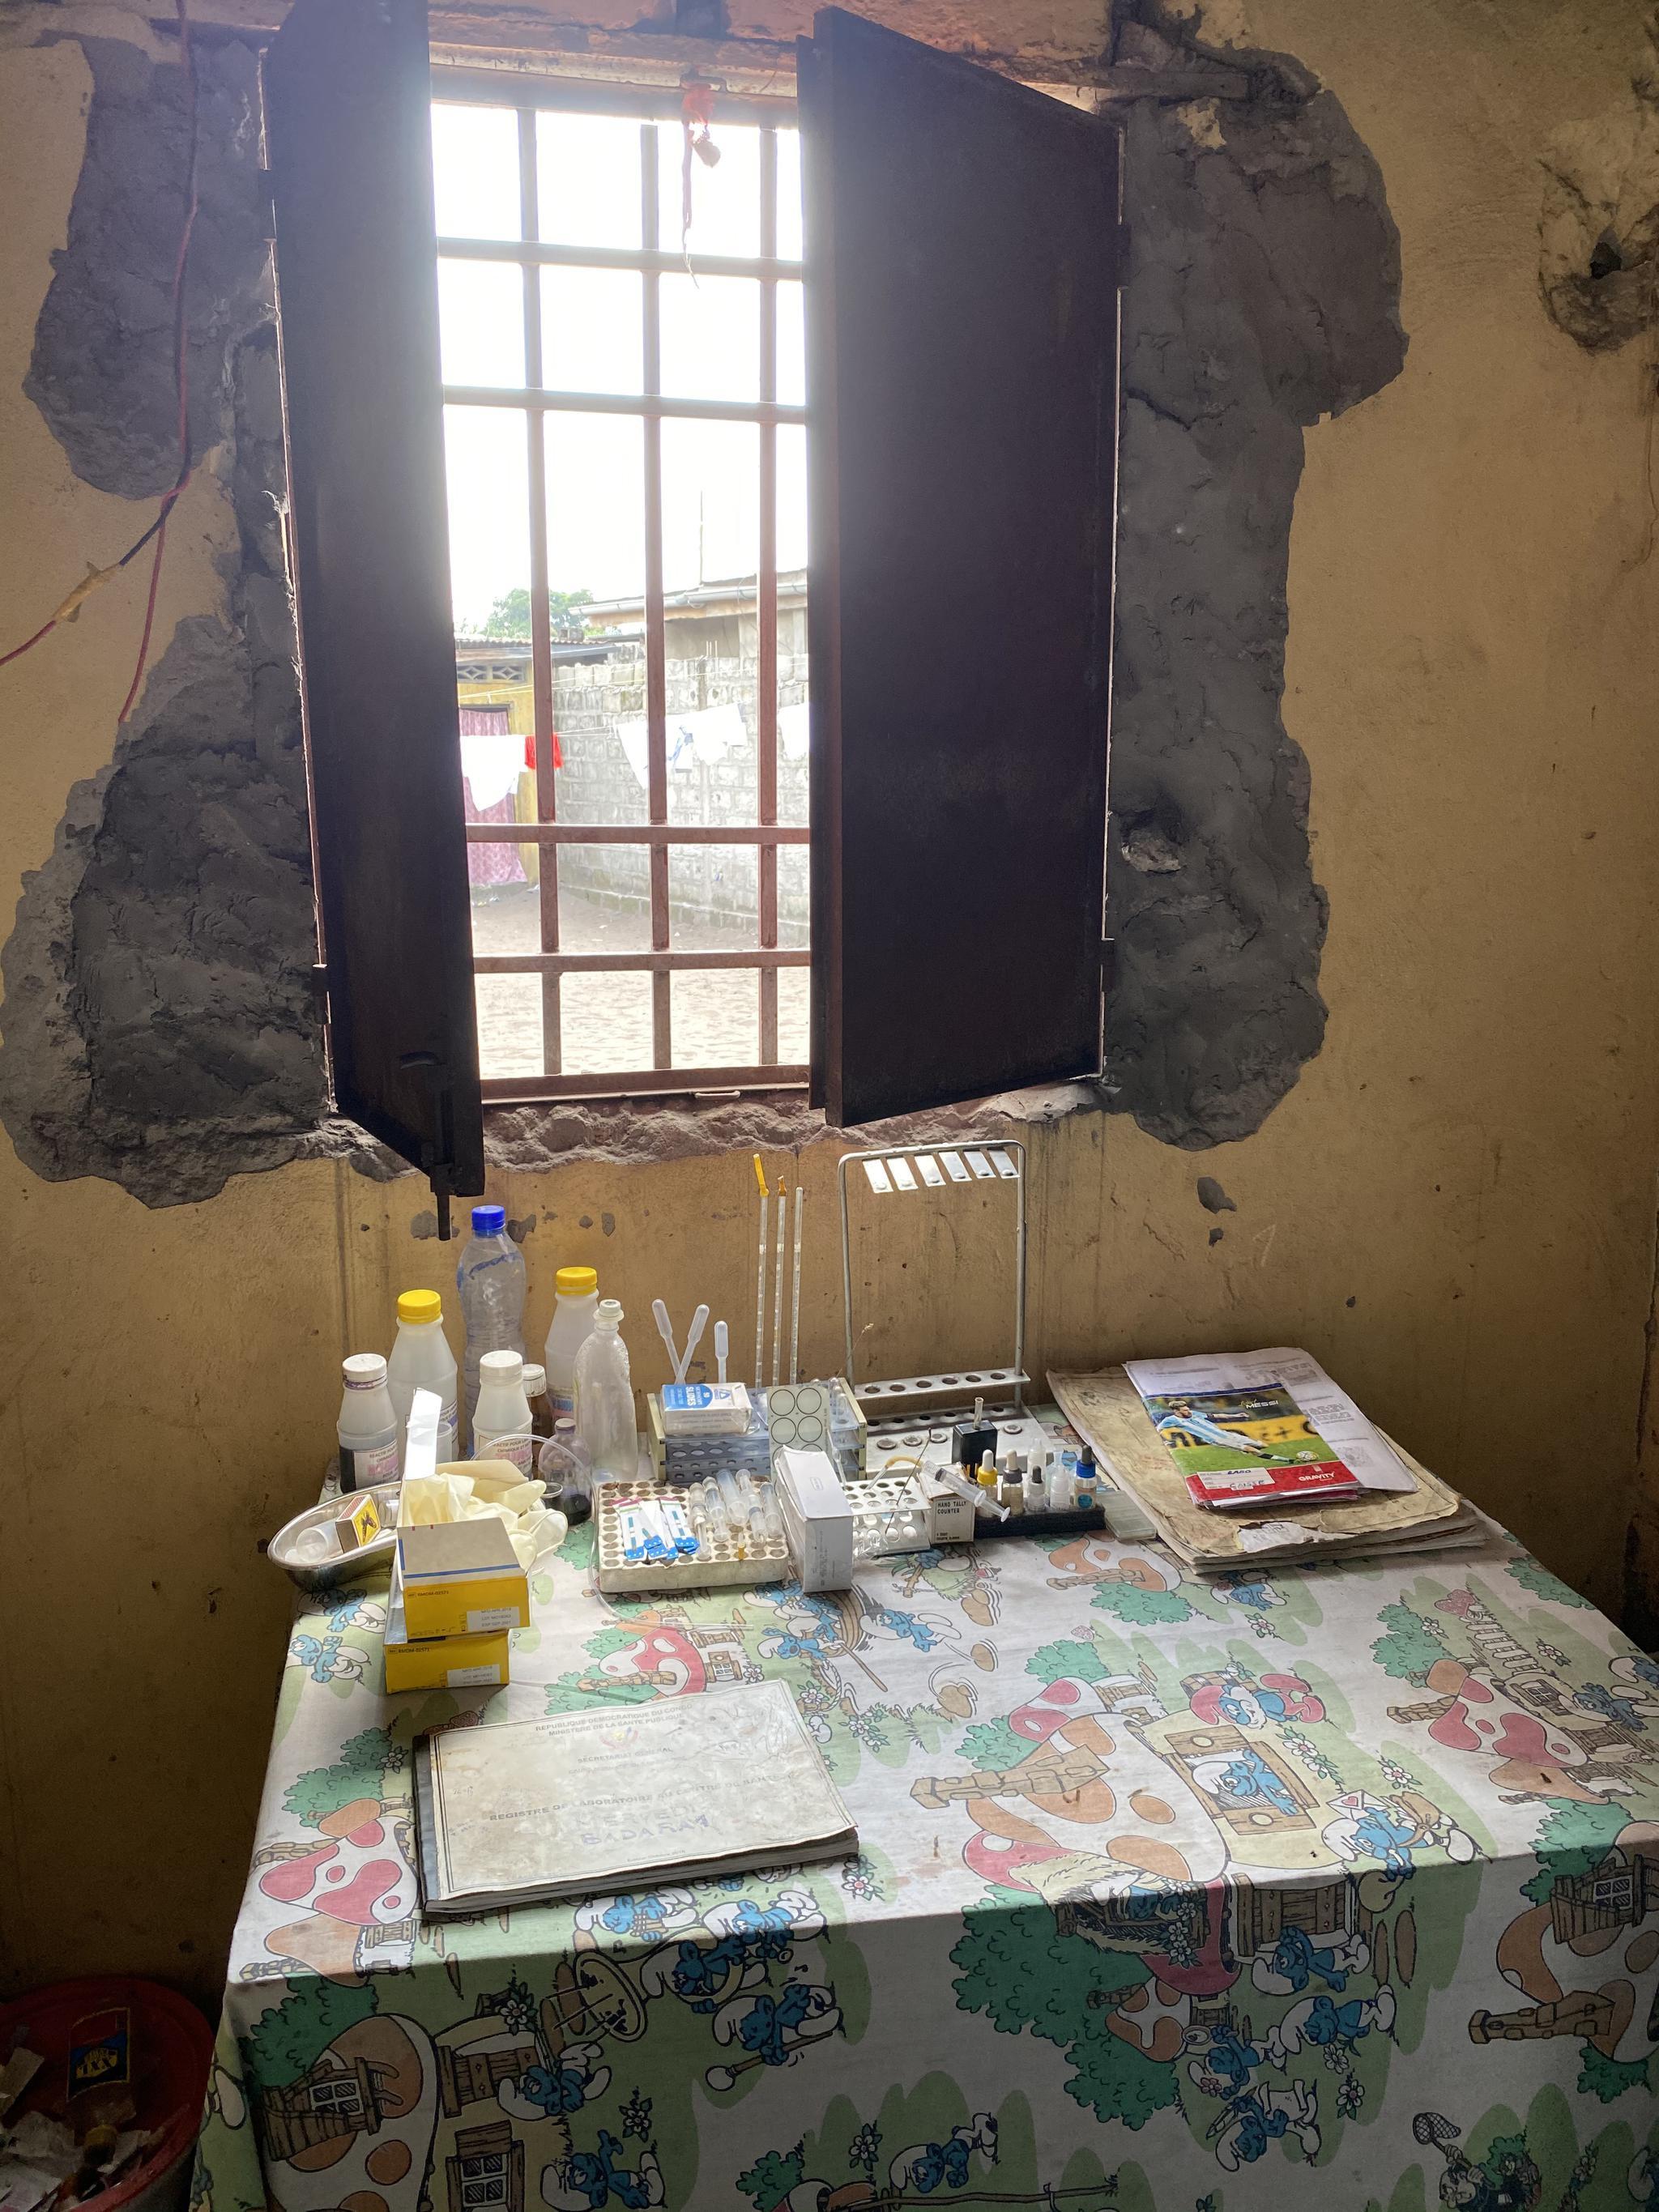 一个社区门诊里面的疟疾诊断实验室 本文图片均为受访者供图